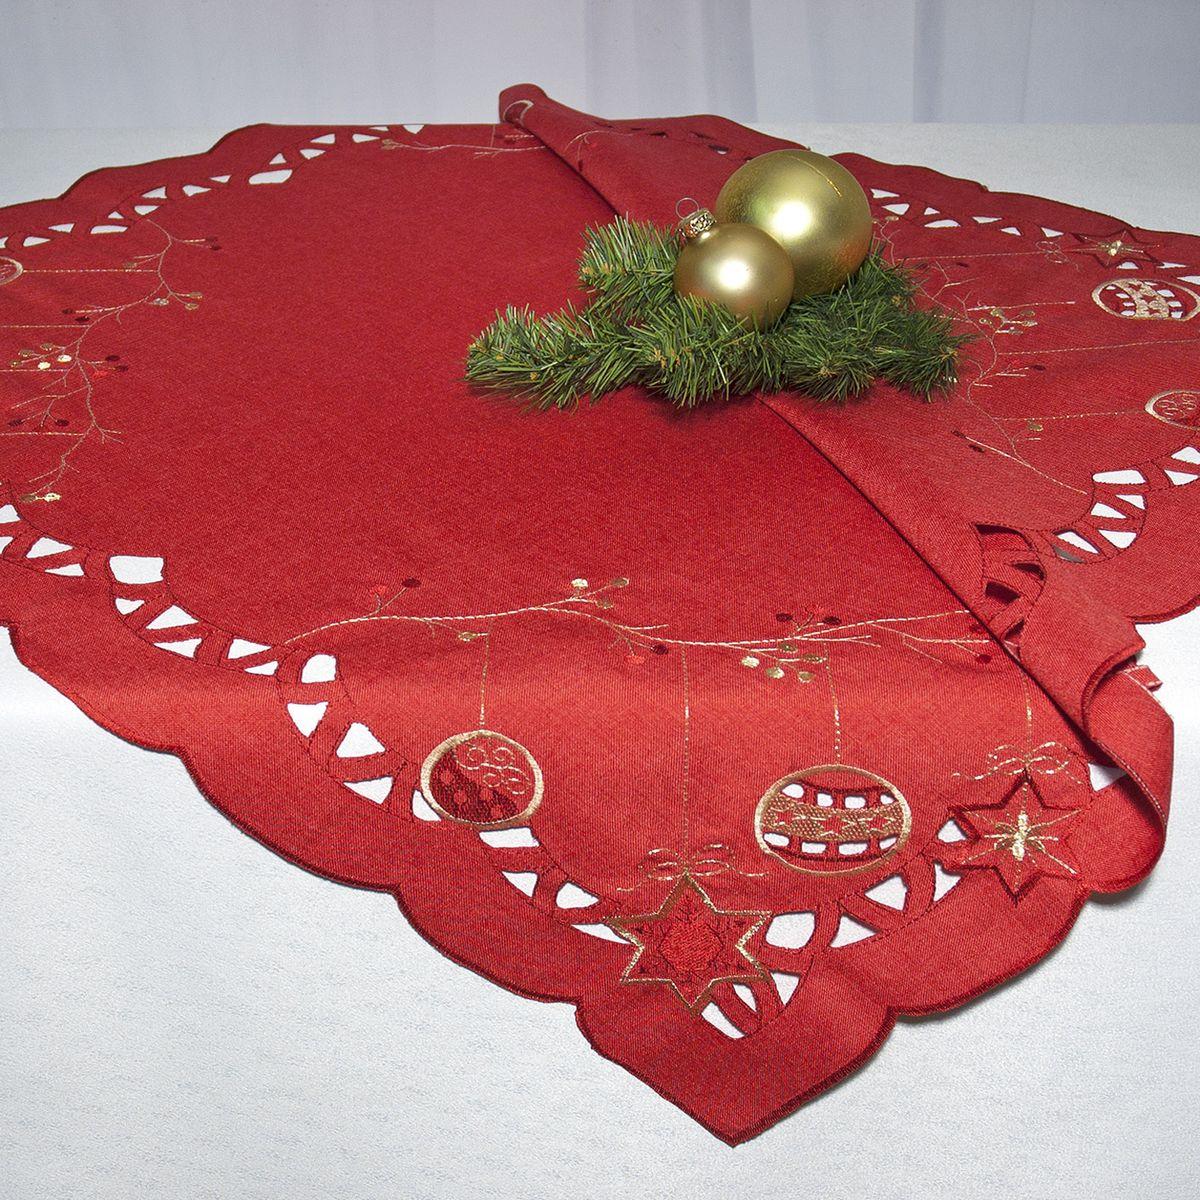 Скатерть Schaefer, квадратная, цвет: красный, 85 x 85 см 07393-10007393-100Квадратная скатерть Schaefer, выполненная из полиэстера, станет прекрасным украшением новогоднего стола. Изделие декорировано изысканной перфорацией по краю и вышивкой в виде елочных игрушек. За текстилем из полиэстера очень легко ухаживать: он легко стирается, не мнется, не садится и быстро сохнет, более долговечен, чем текстиль из натуральных волокон. Использование такой скатерти сделает застолье торжественным, поднимет настроение гостей и приятно удивит их вашим изысканным вкусом.Это текстильное изделие станет изысканным украшением вашего дома!